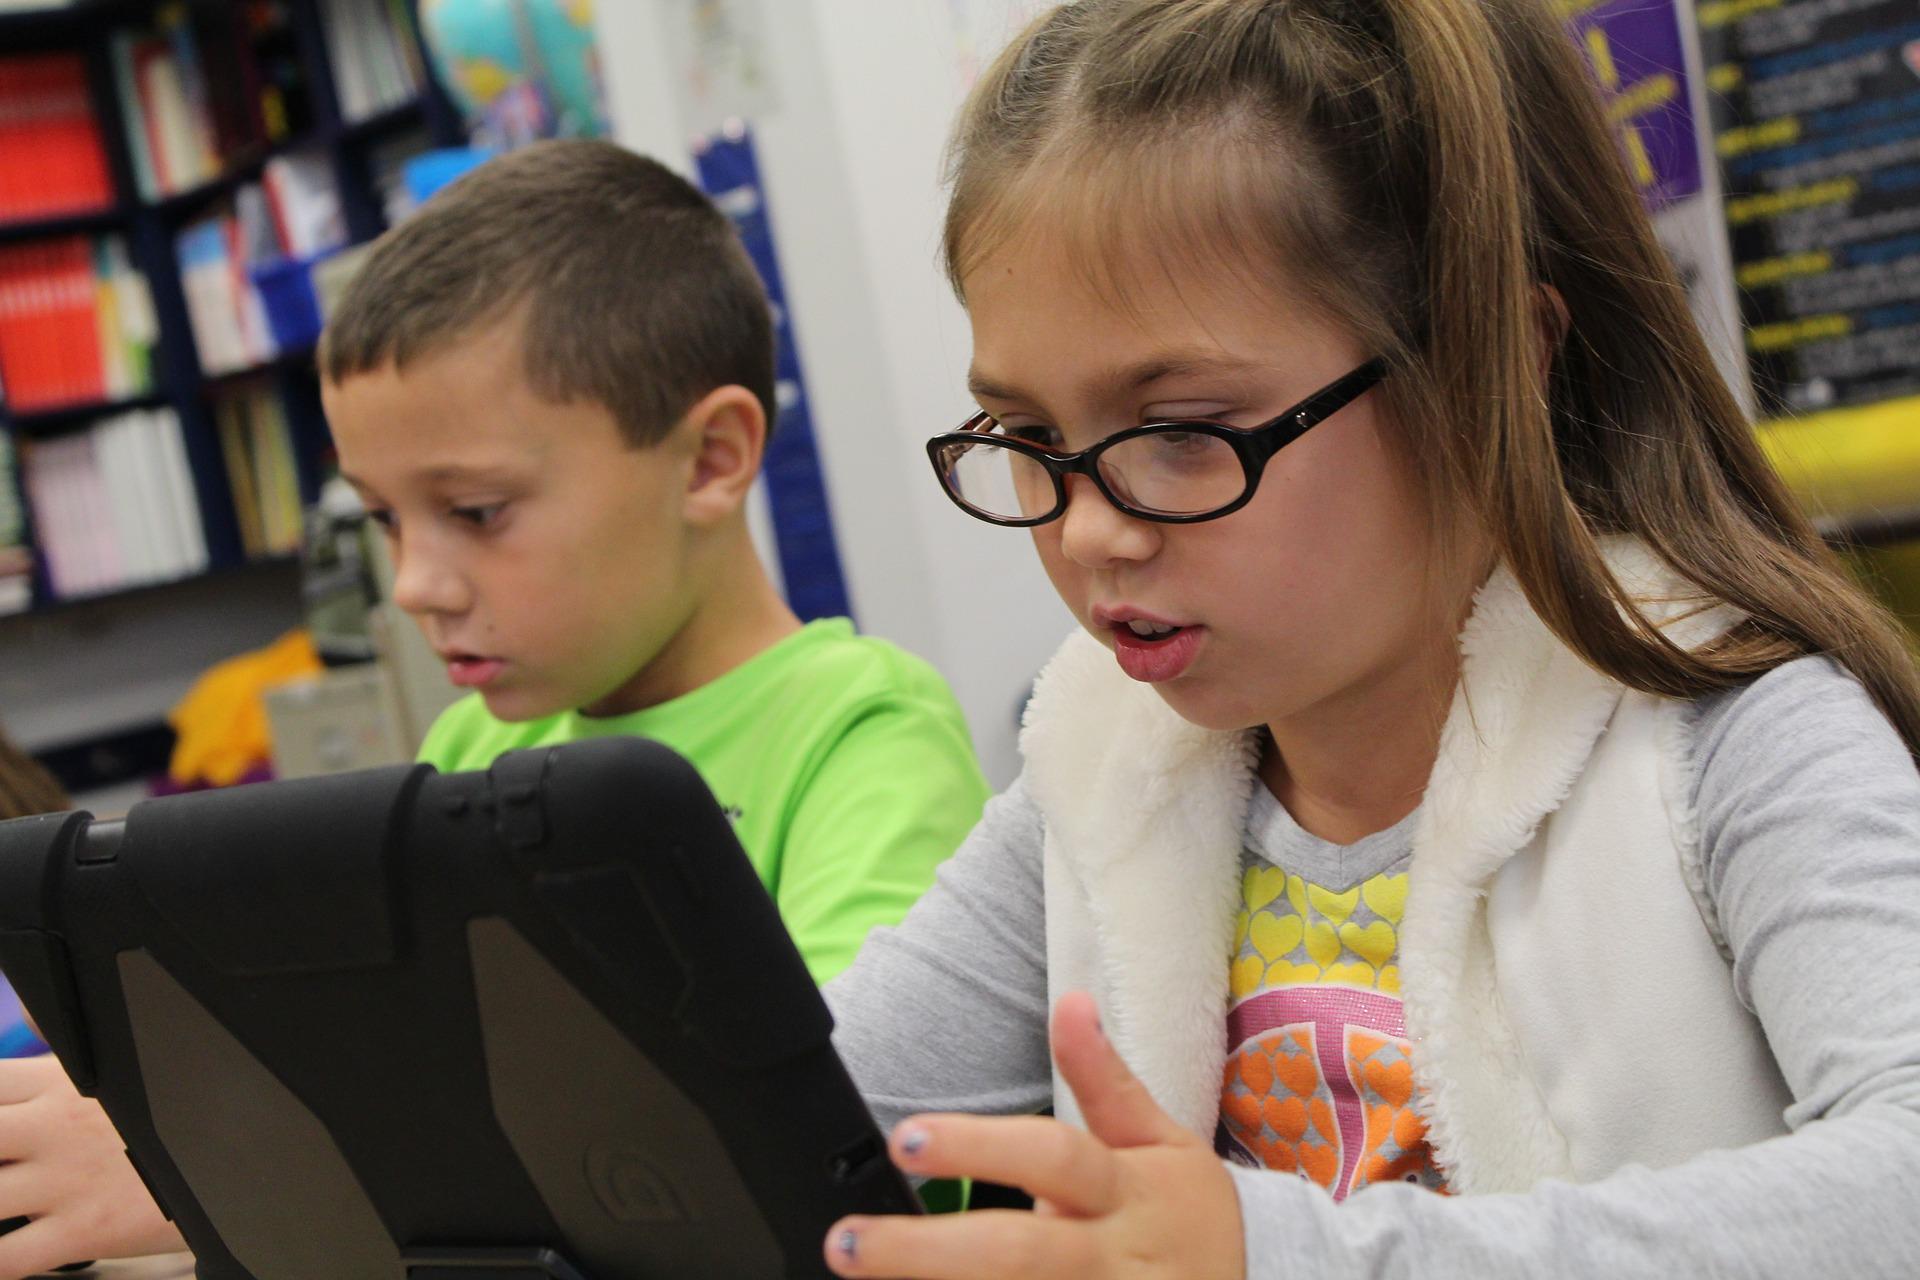 NACHGEFRAGT: Mobile Endgeräte für bedürftige Schüler*innen im Homeschooling